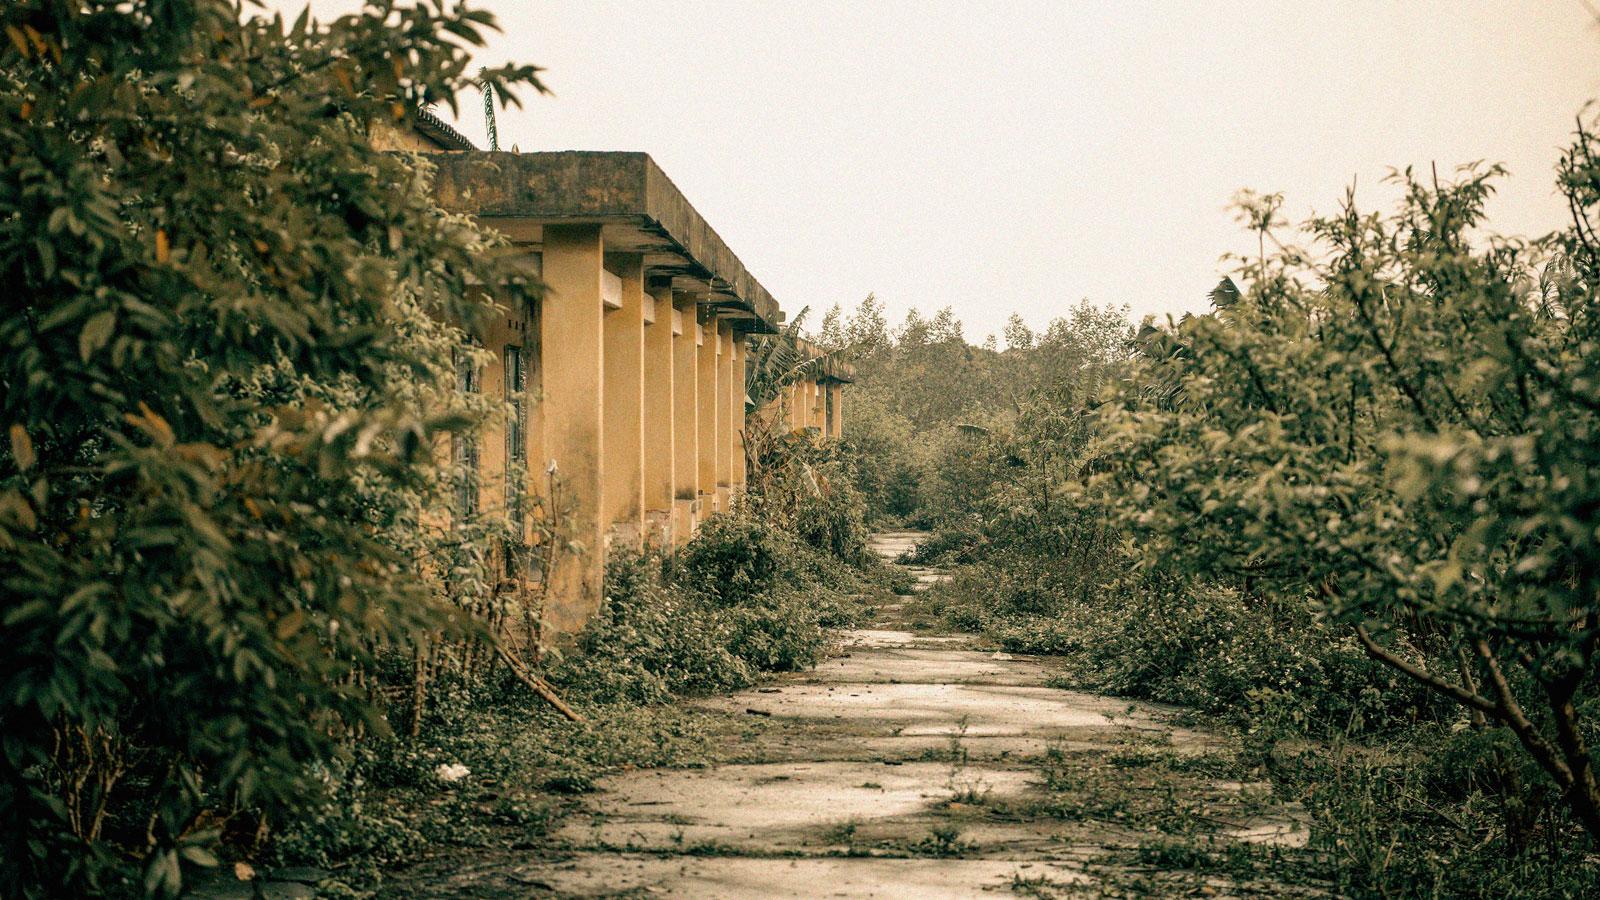 Người phụ nữ khốn khổ sống cô độc trong khu nhà bỏ hoang giữa rừng - 4